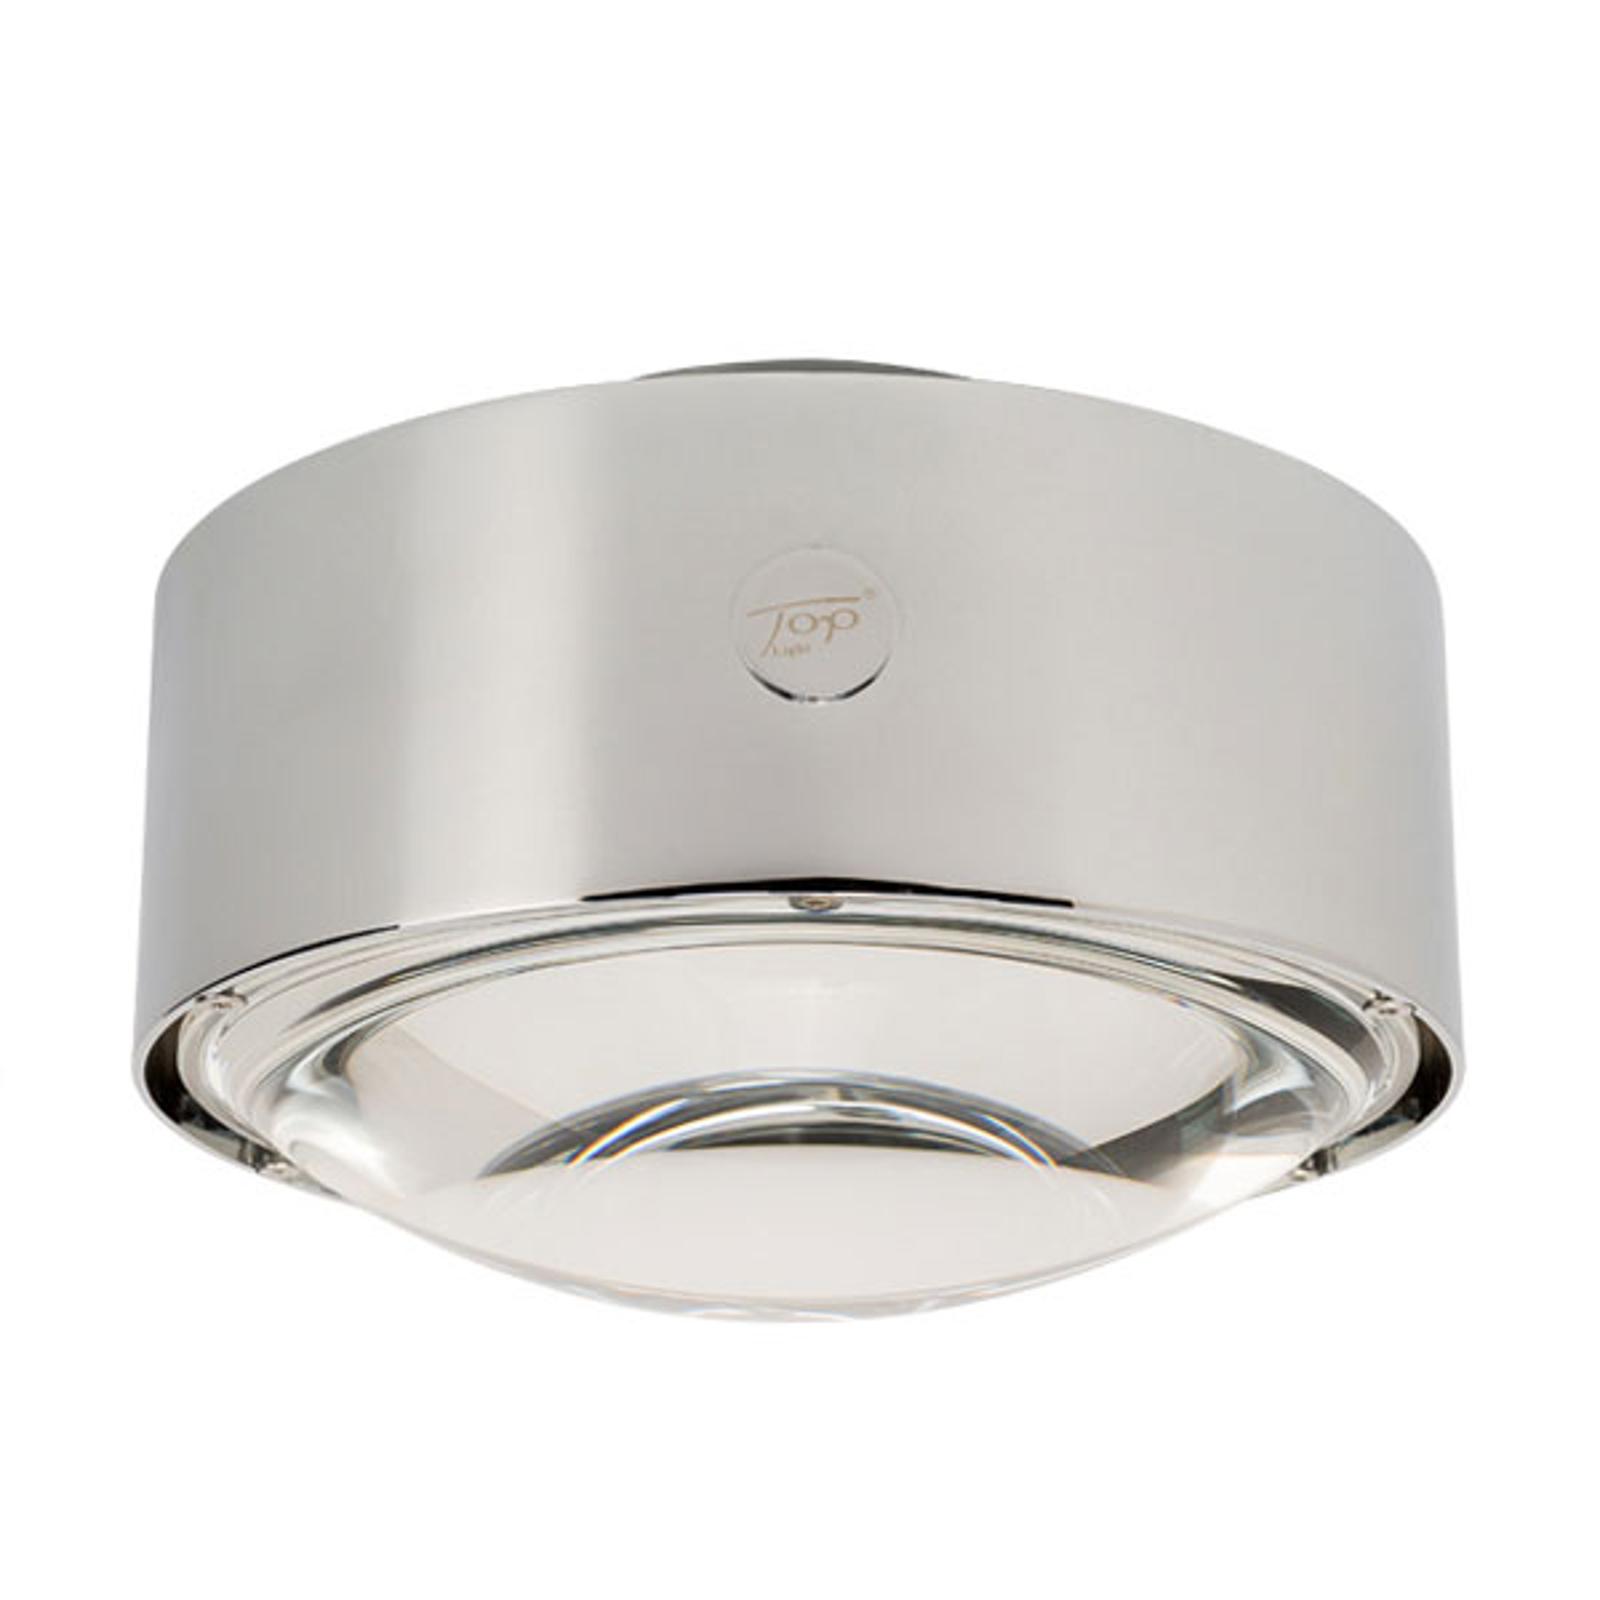 LED plafondlamp Puk Meg Maxx Plus, mat chroom